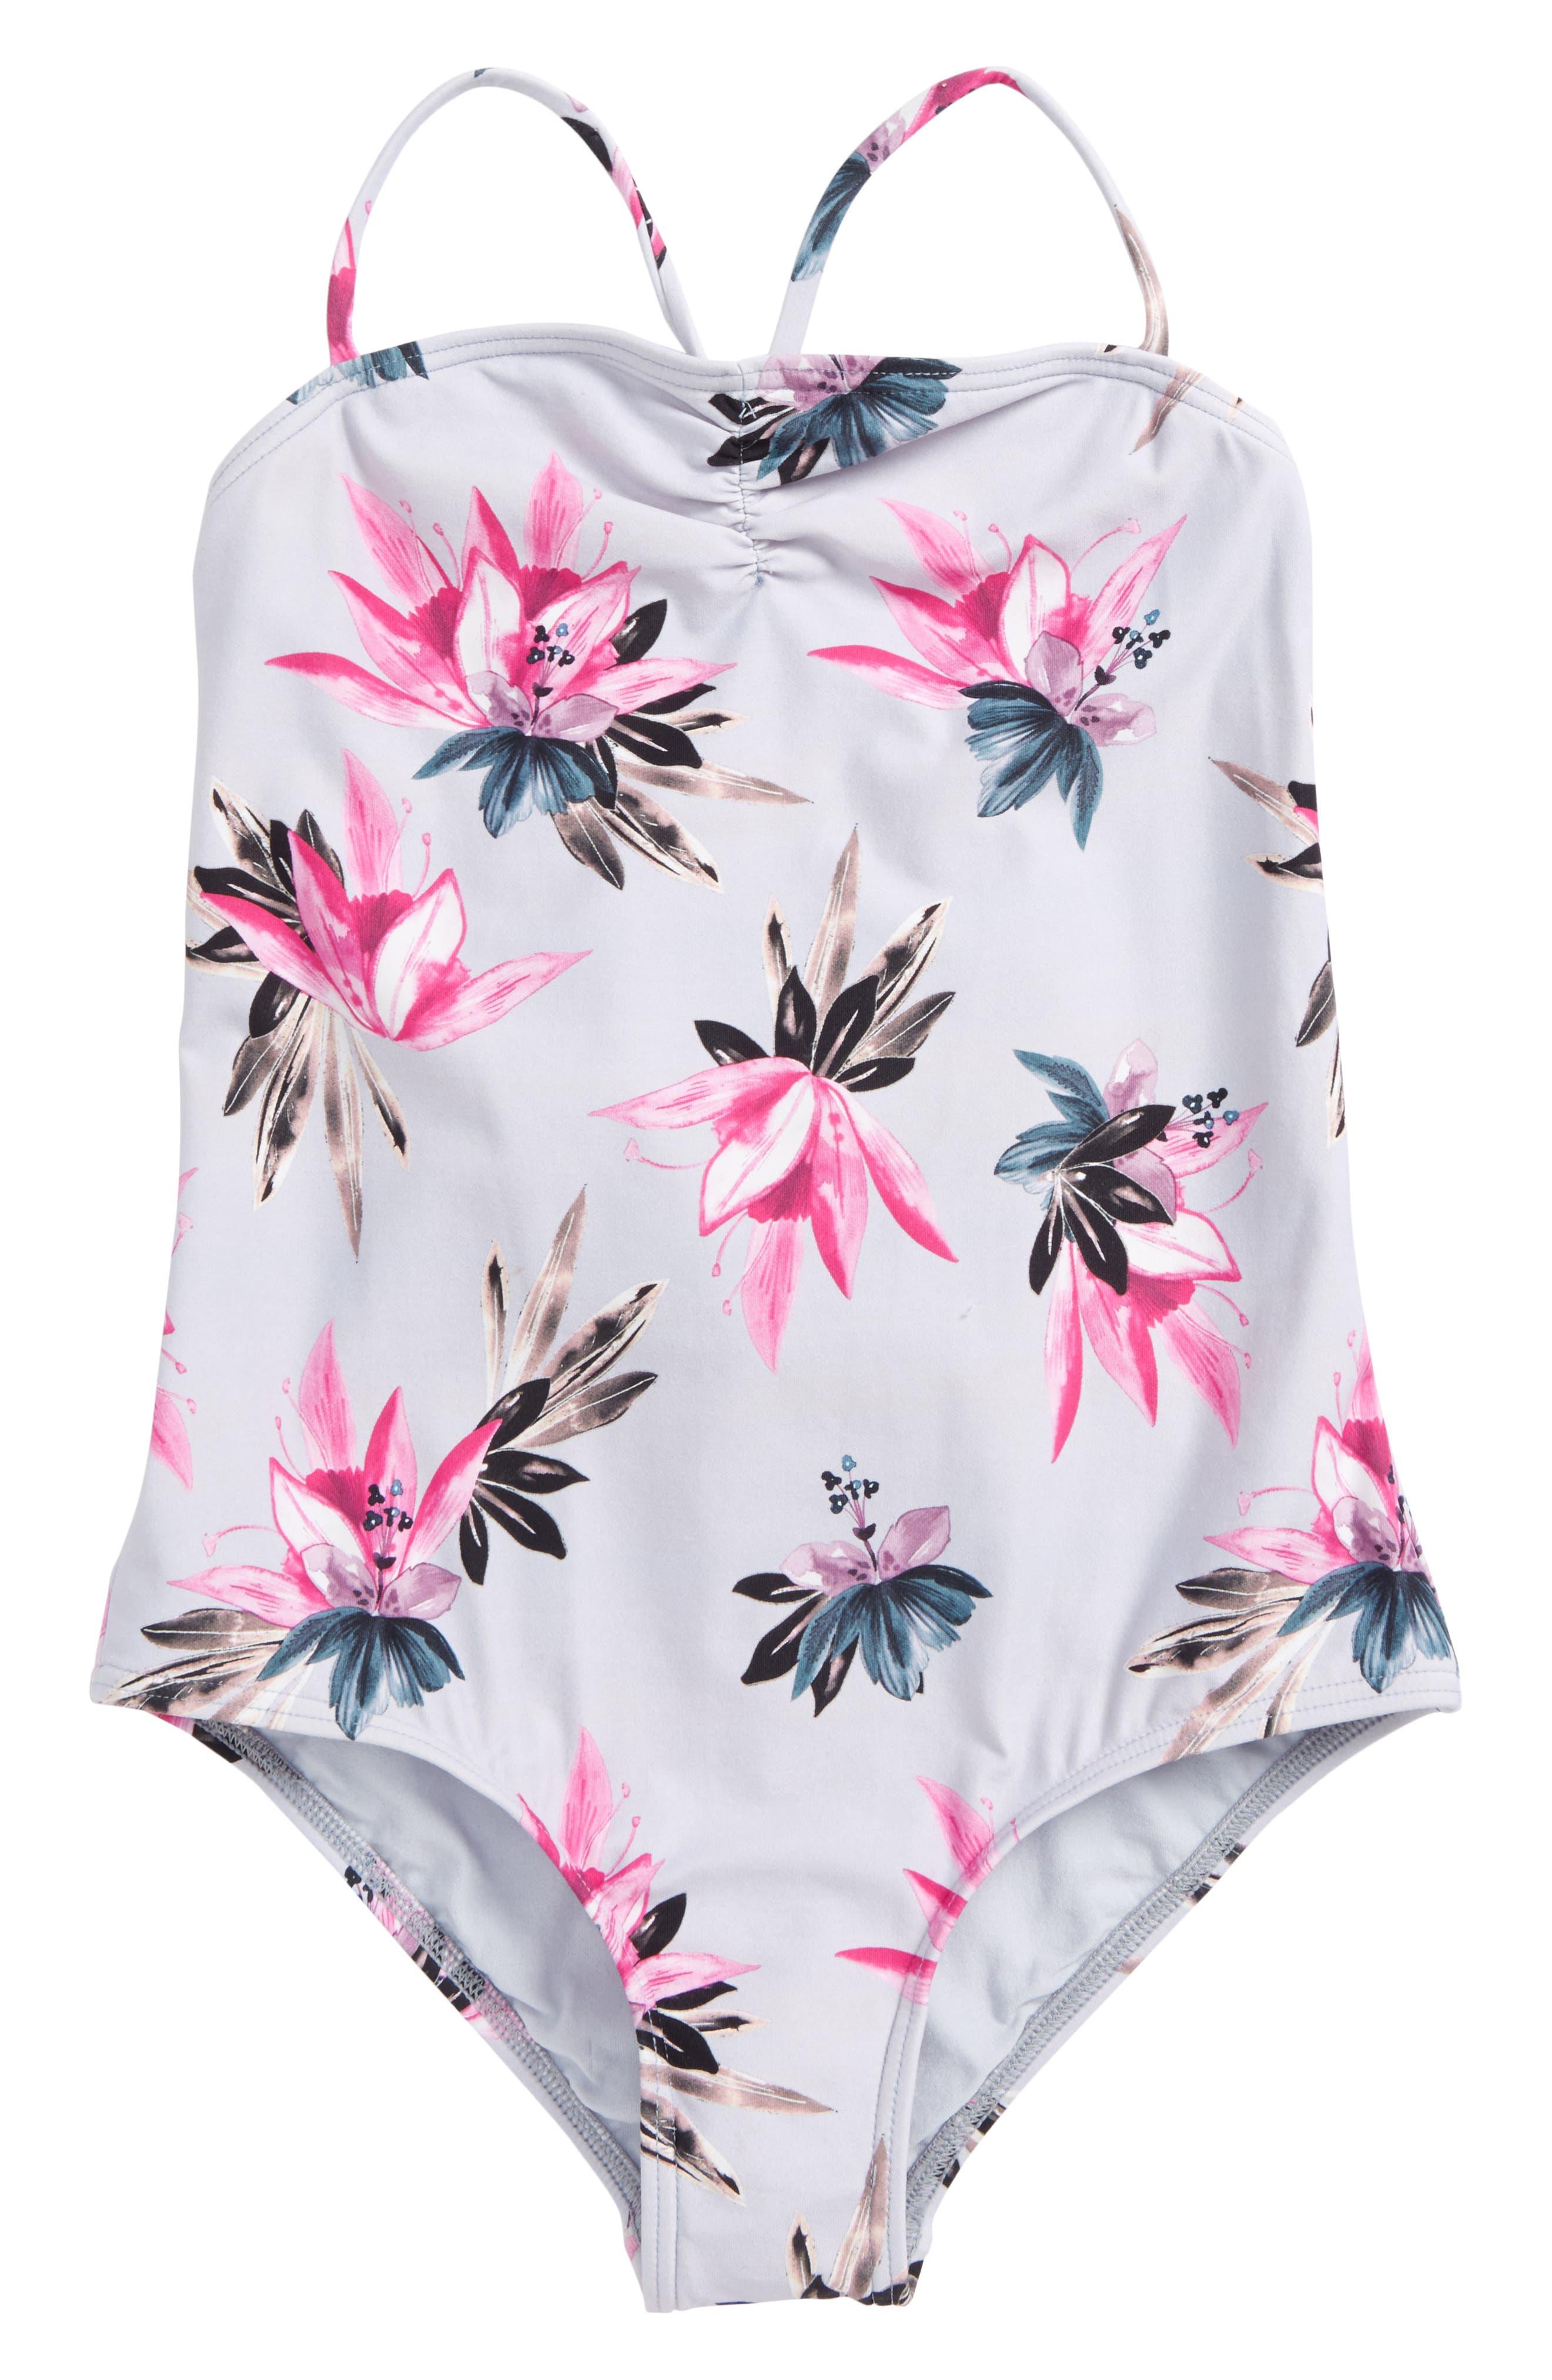 Mini Sydney One-Piece Swimsuit,                             Main thumbnail 1, color,                             450